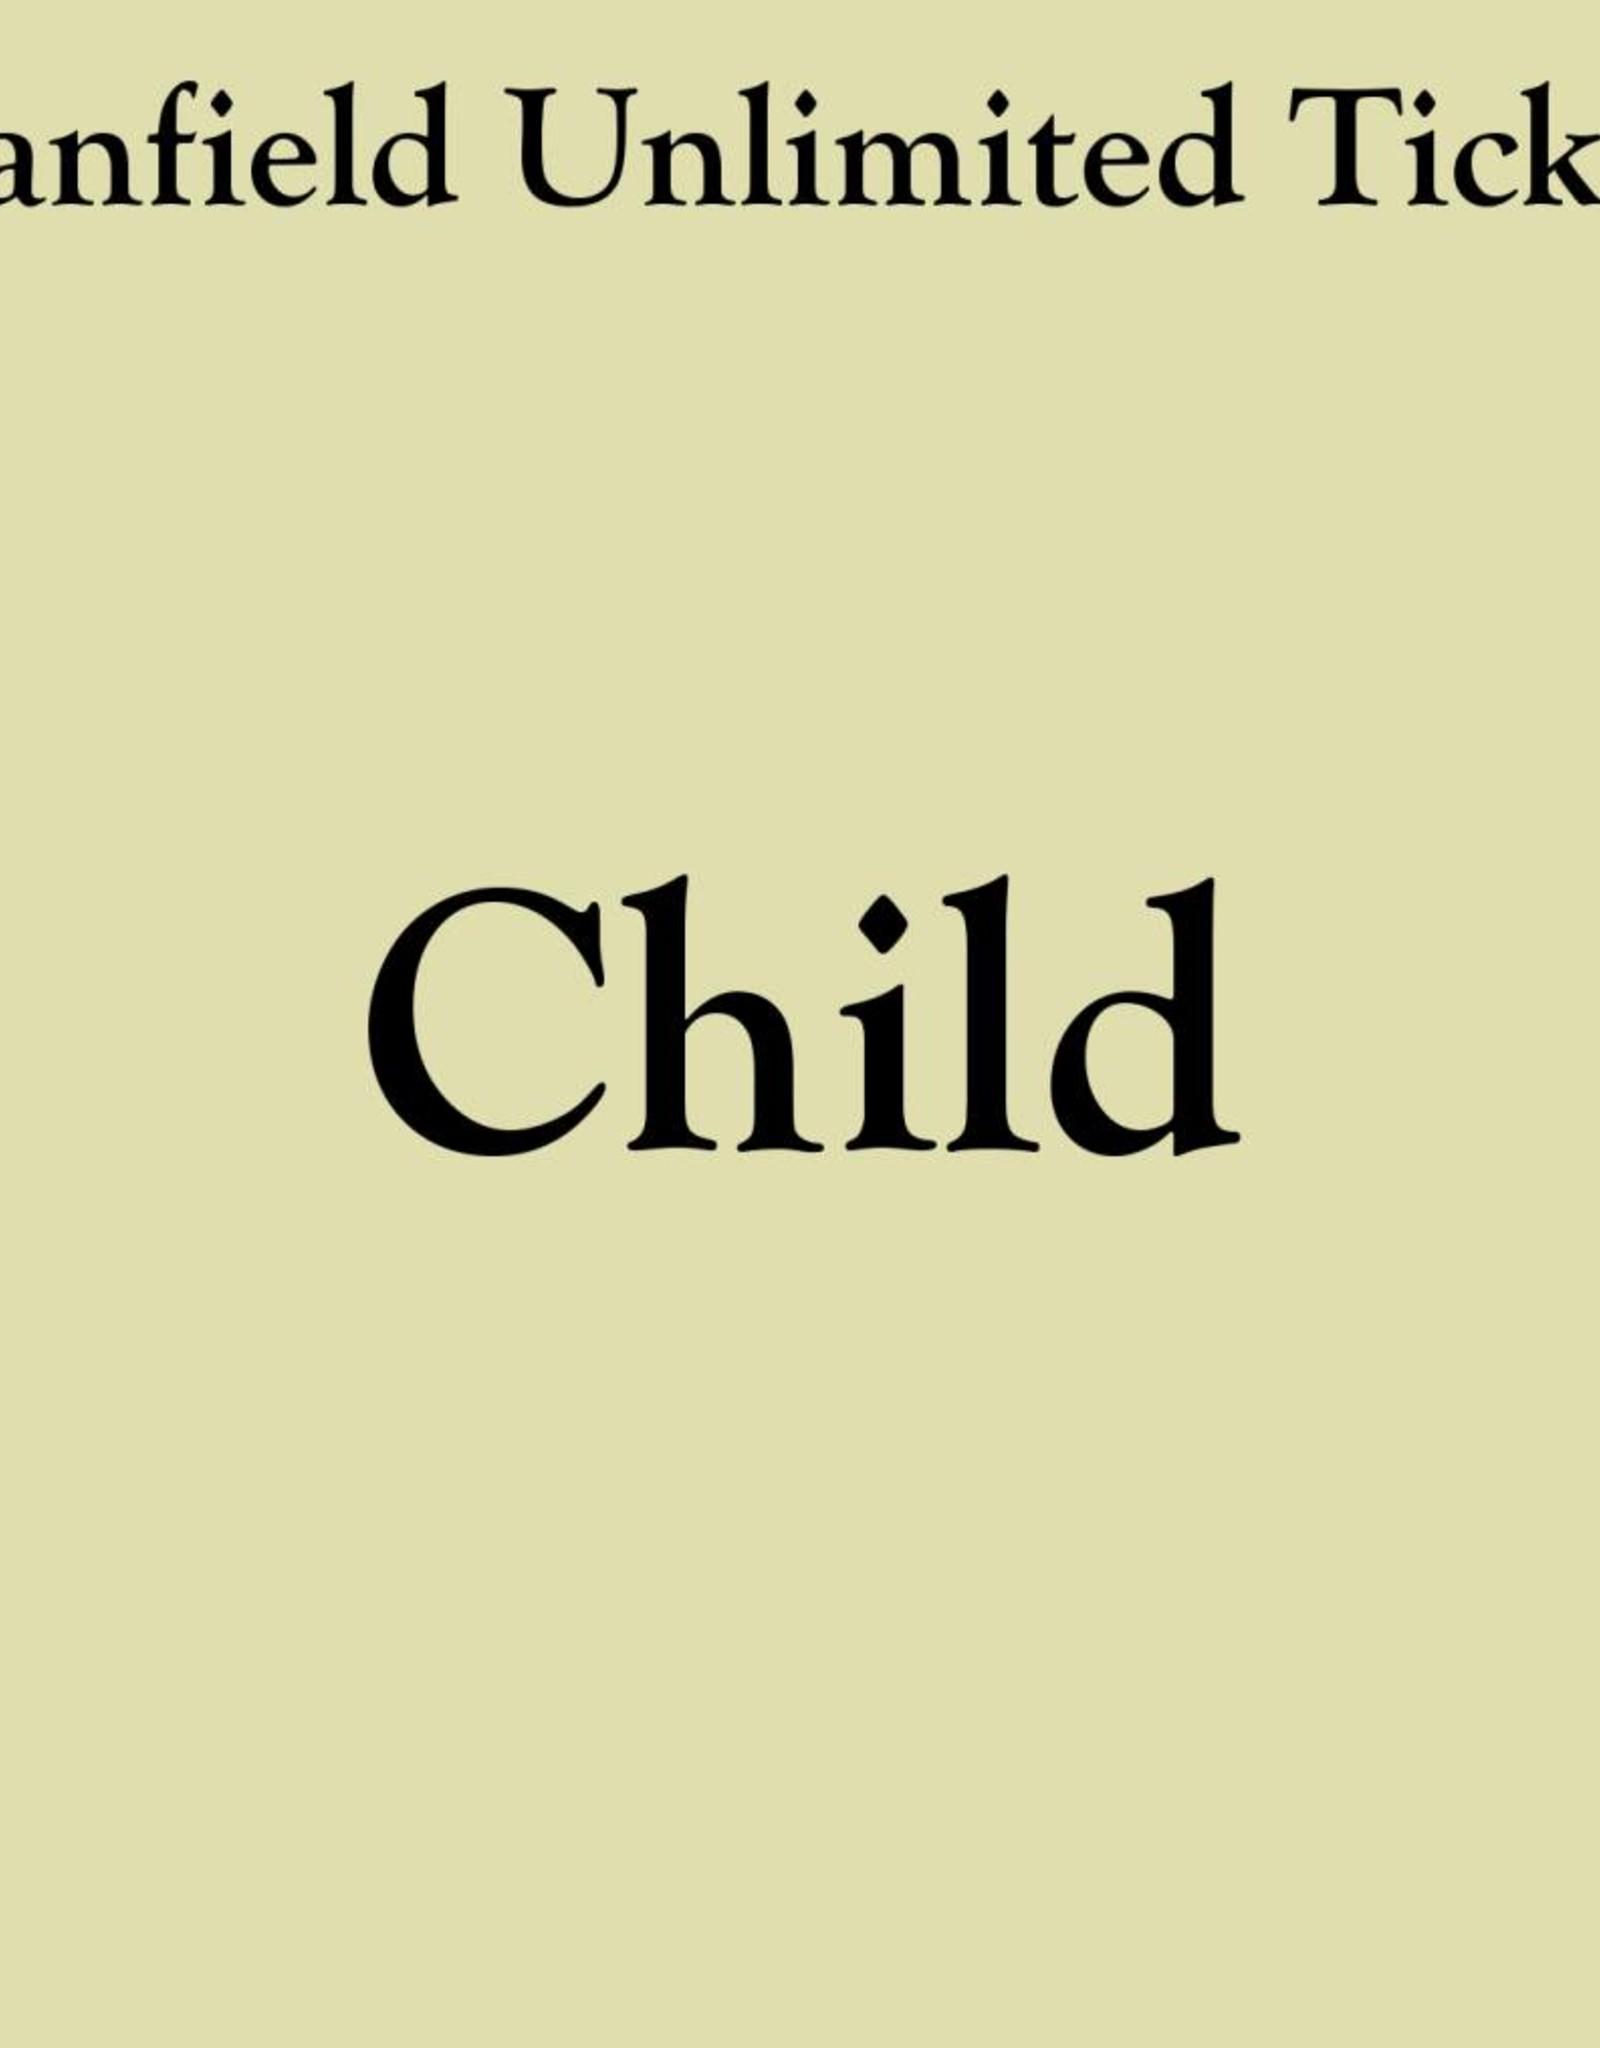 Child TUT